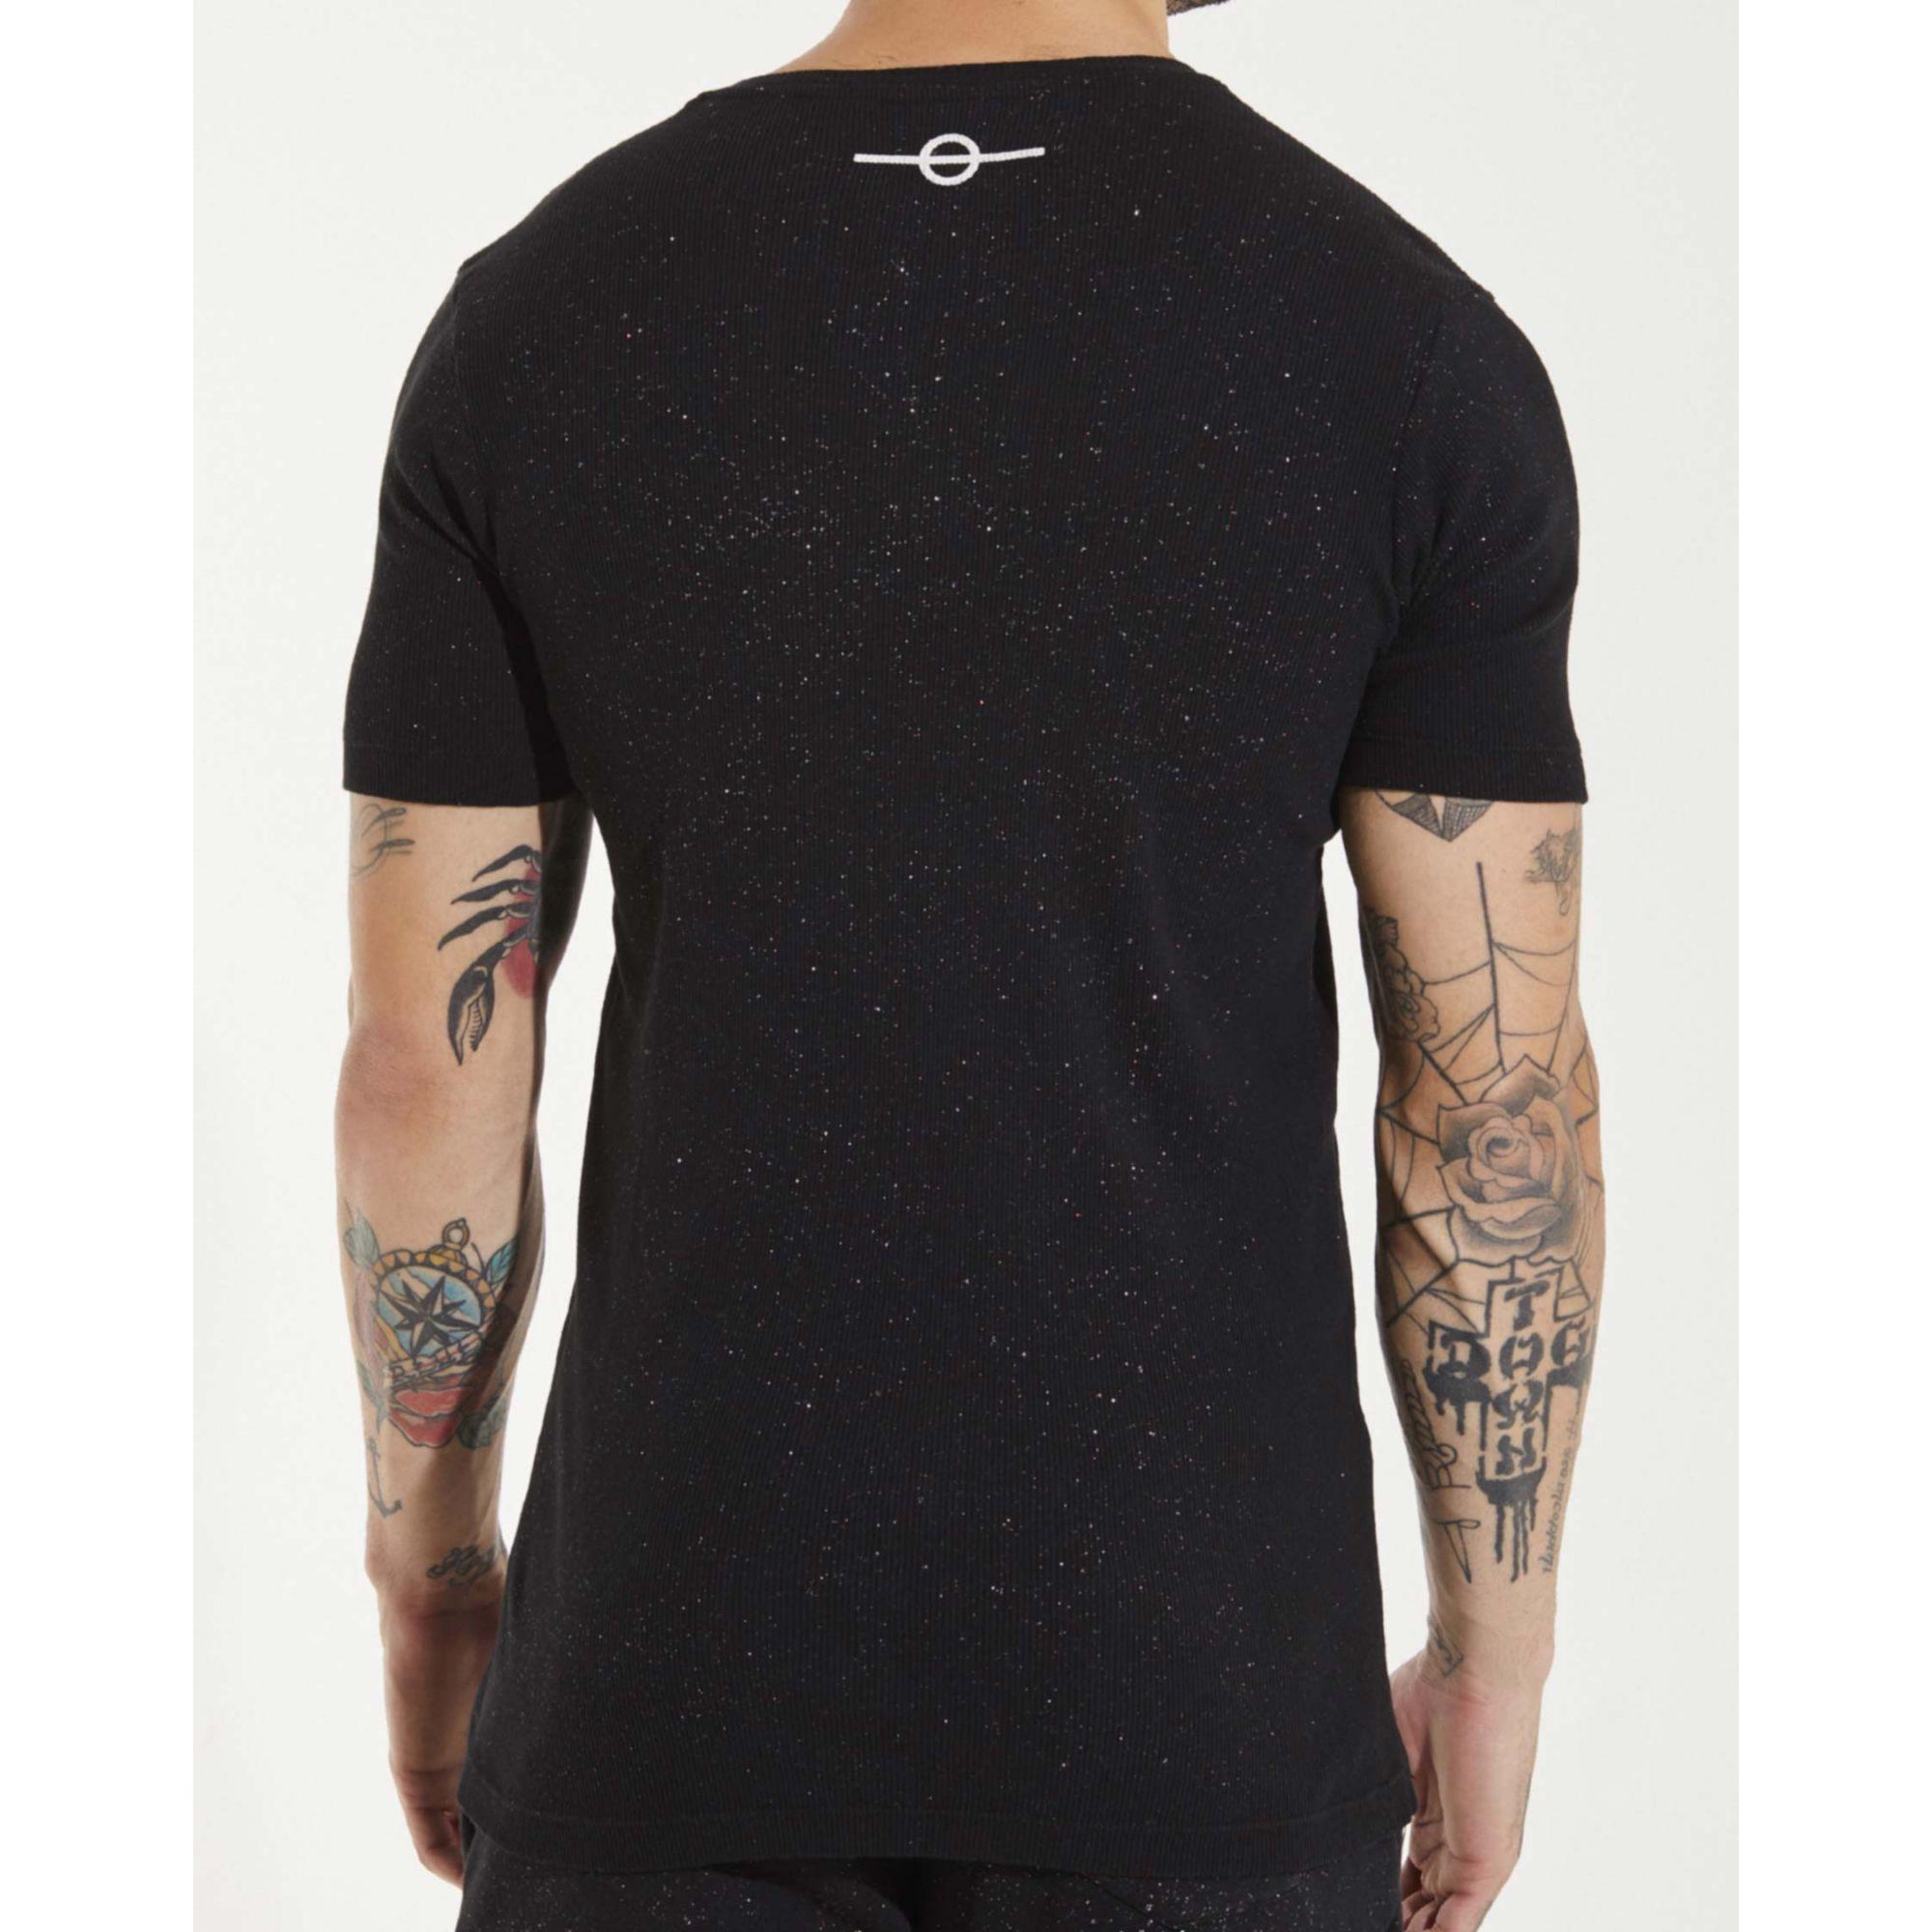 Camiseta Buh Explosão Black